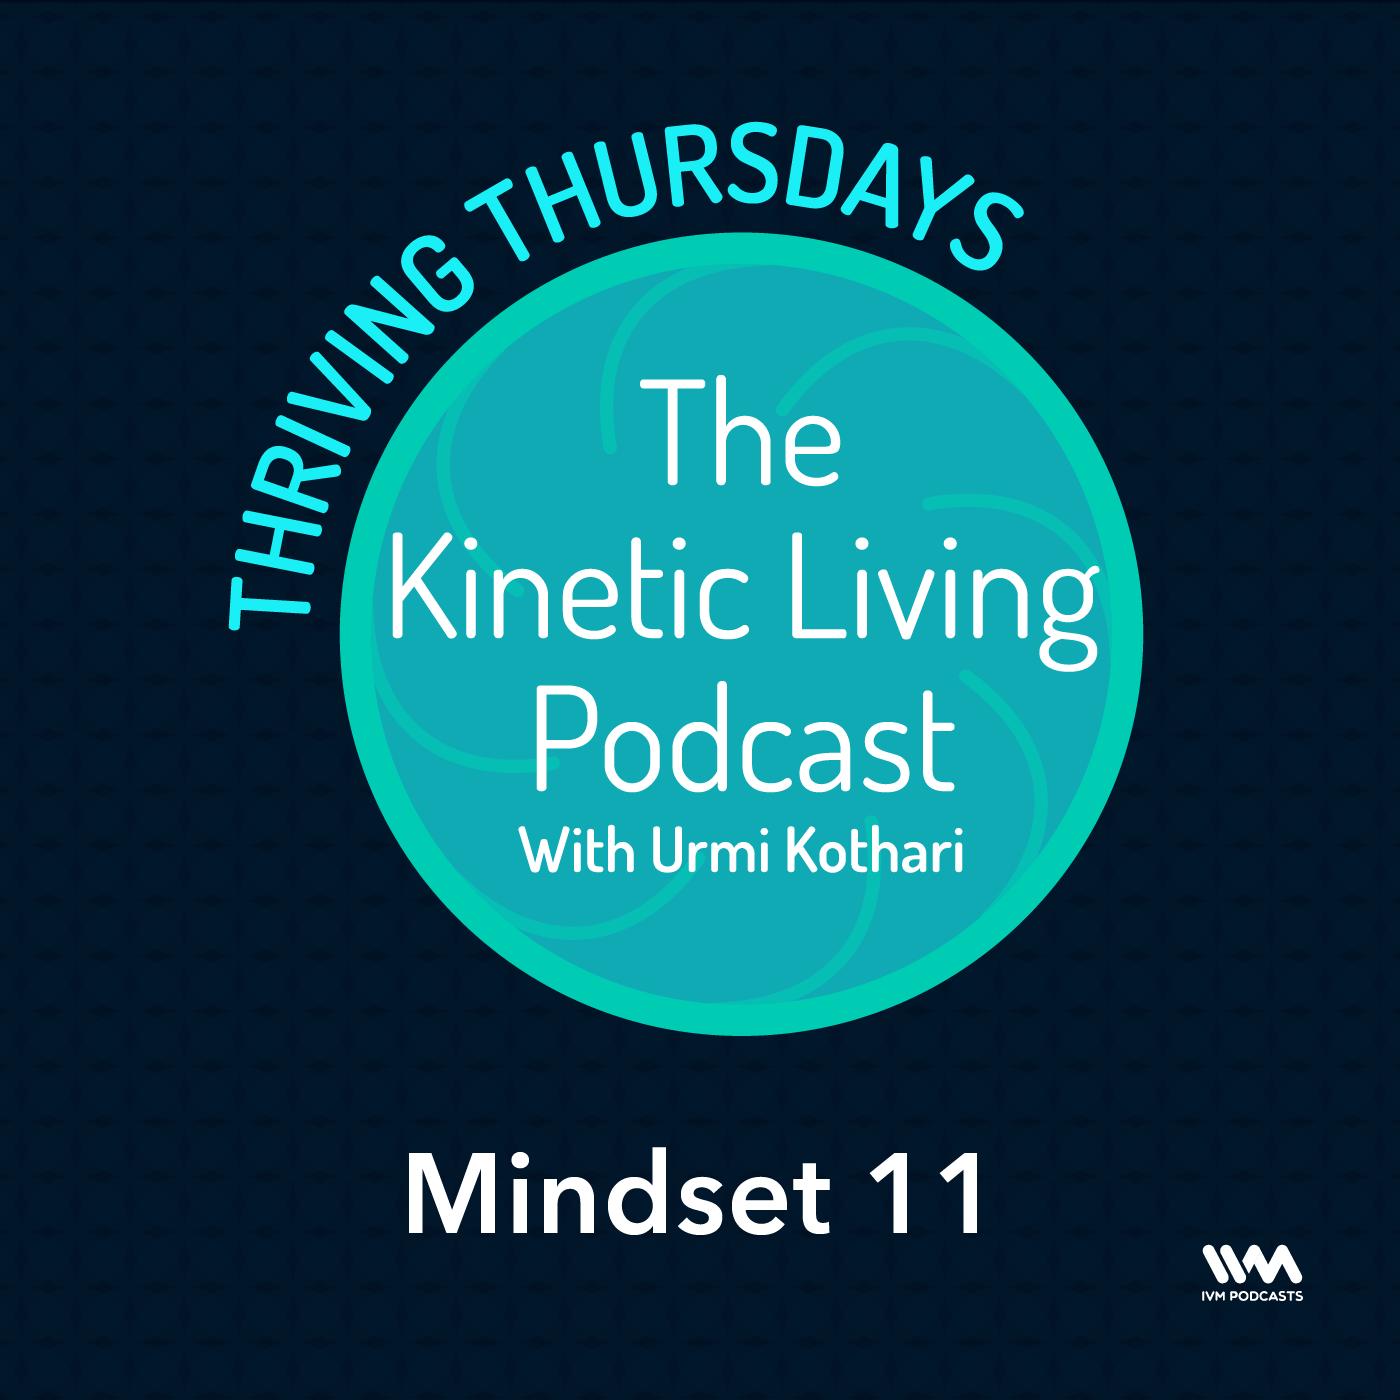 S02 E11: Thriving Thursday - Mindset 11